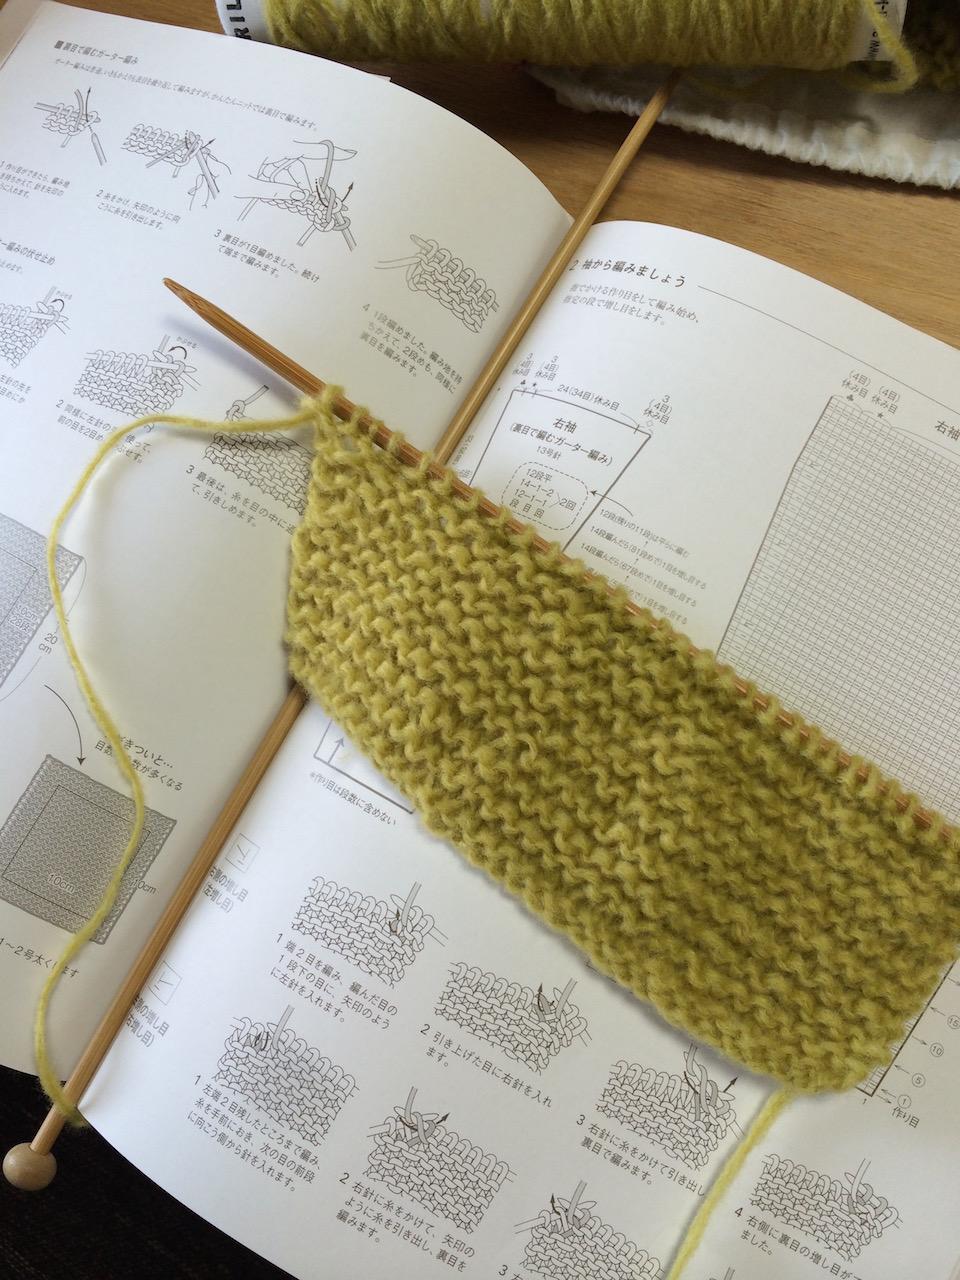 itokaraさんの編み物部だけでなく、昼夜問わず空き時間を見つけては家で編んだり、旅路の飛行機の中で編んだり。ようやく真面目に向き合い出した頃。ちょっとできると調子に乗るところも、私の治したい性格の一つです。